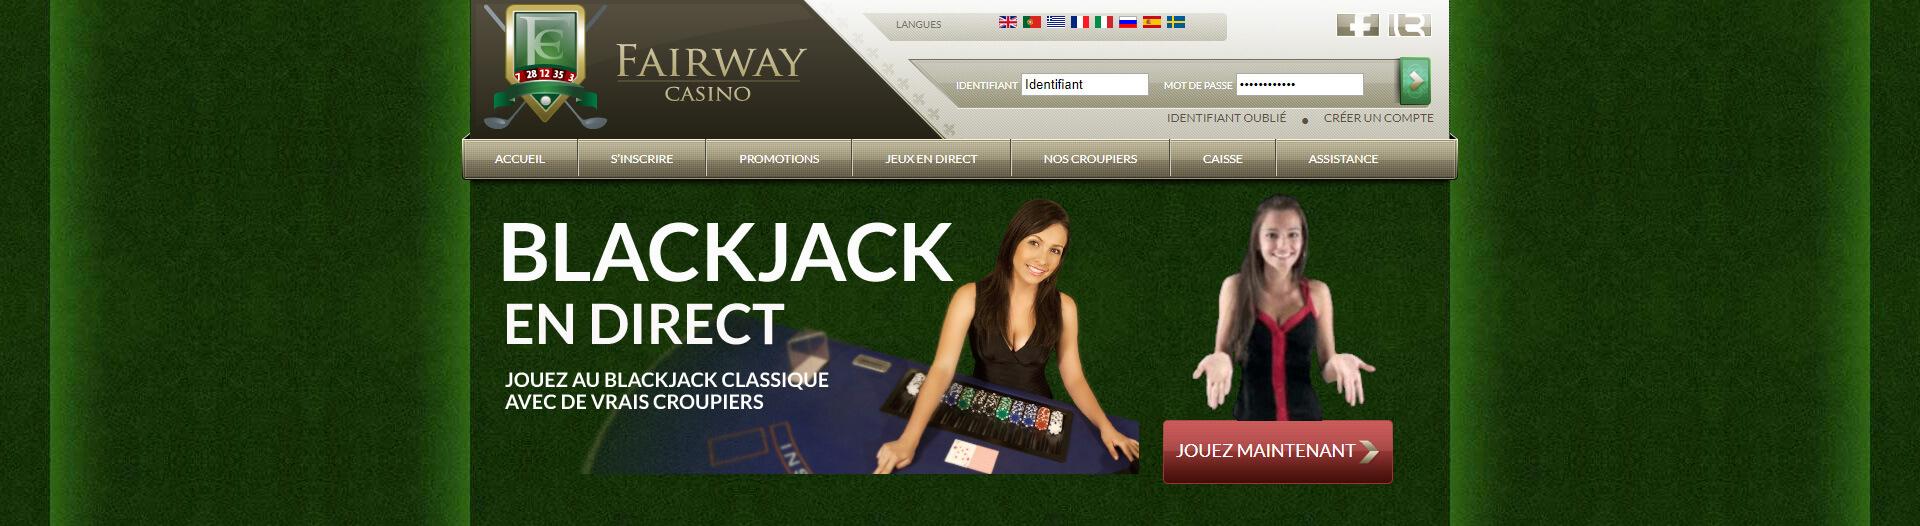 Casino Fairway : notre avis sur ce casino